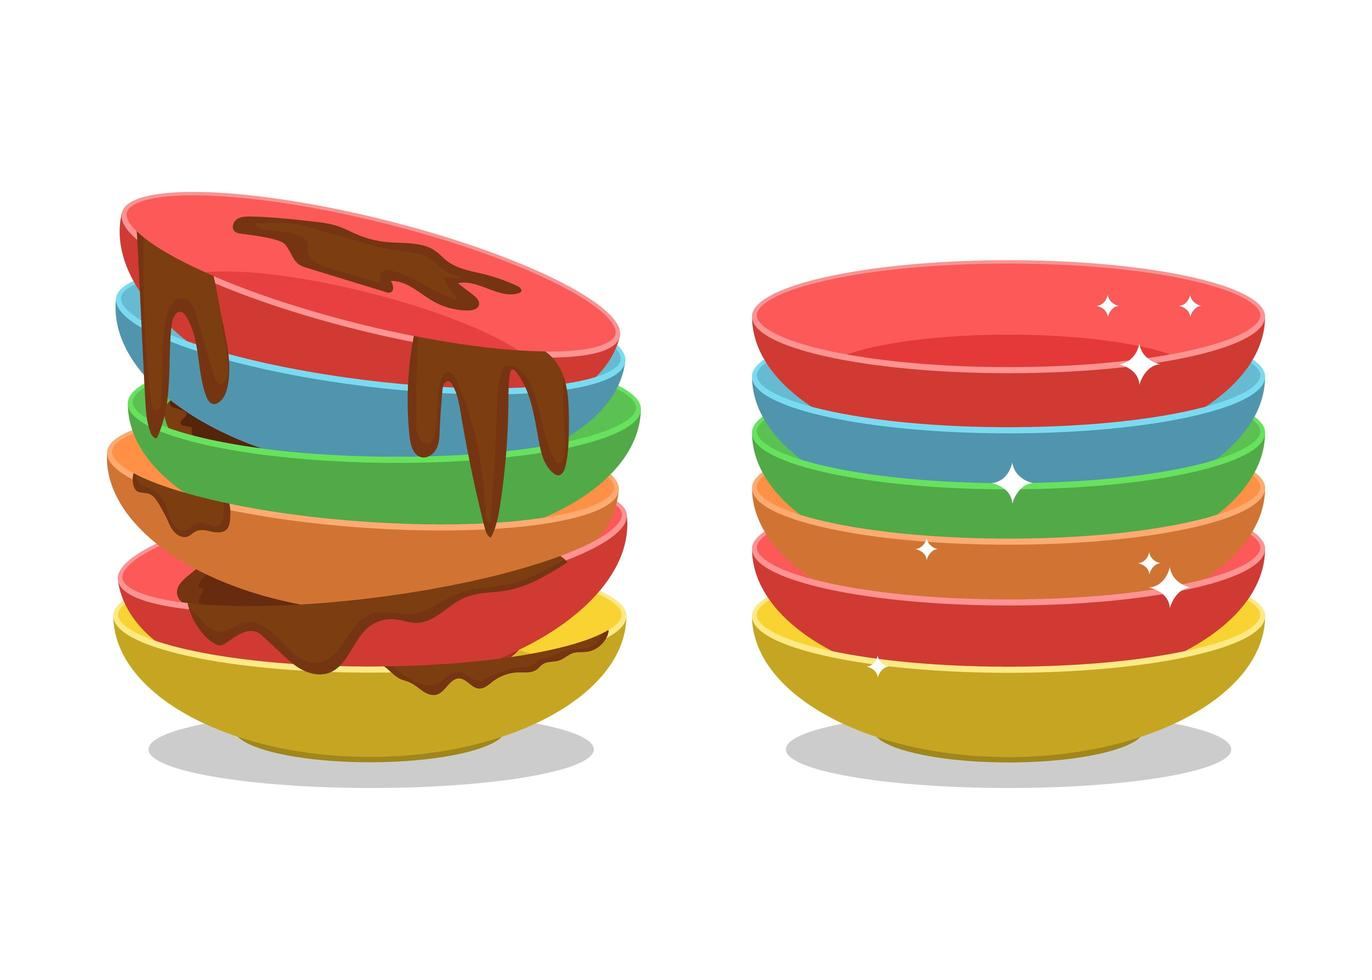 juego de platos sucios y limpios de estilo de dibujos animados vector